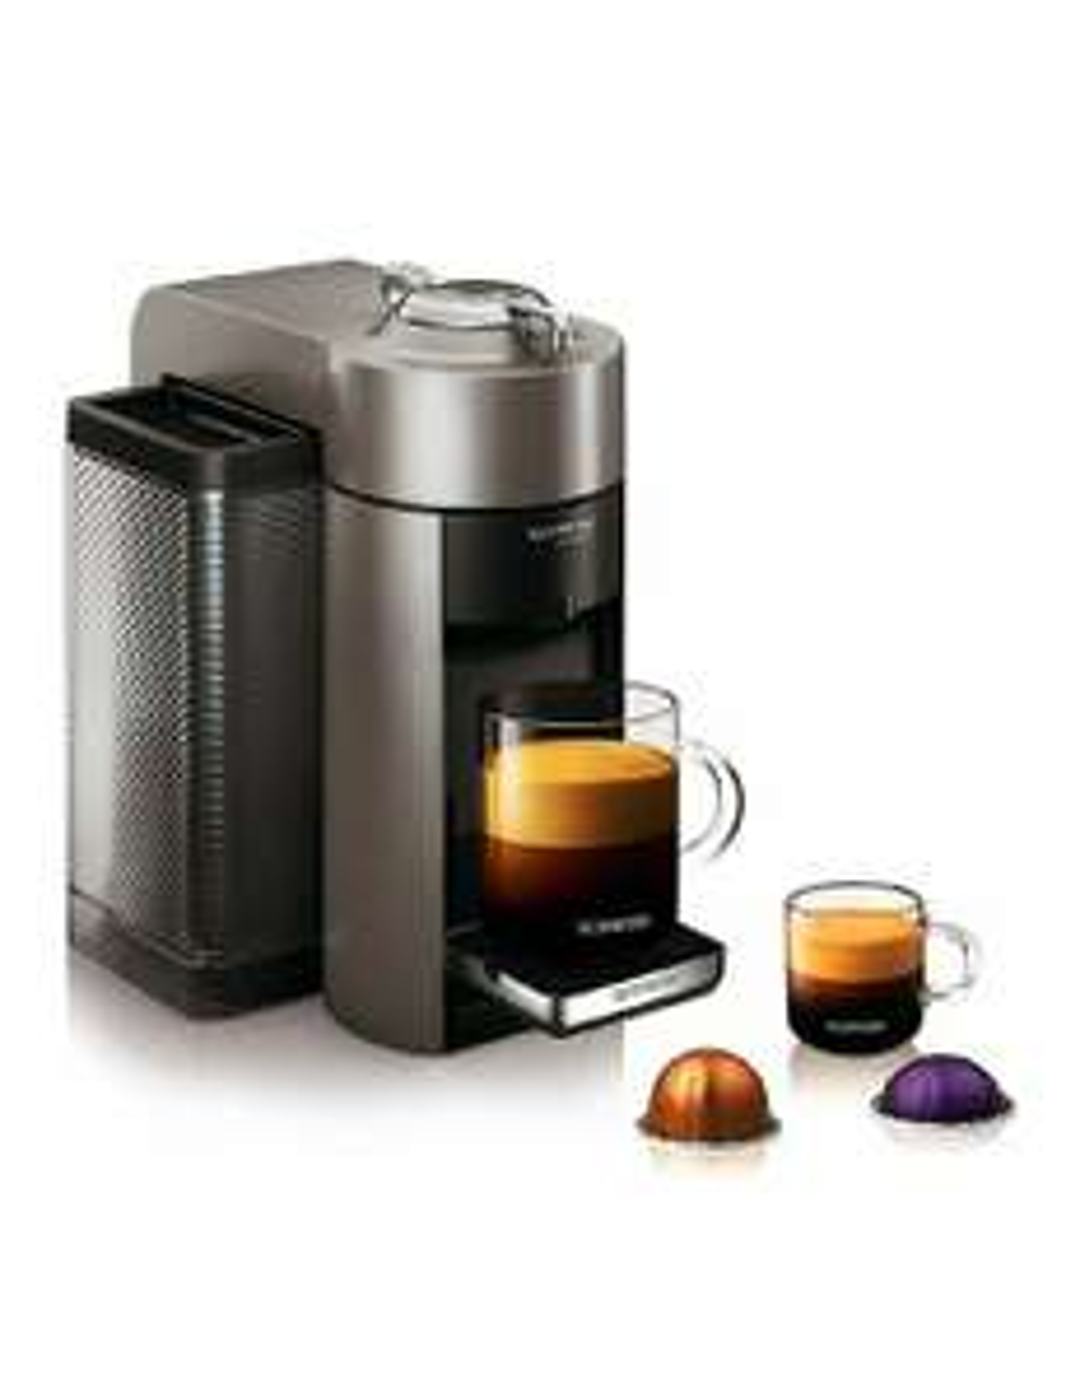 Amazon: Nespresso Vertuo Coffee and Espresso Machine by De'Longhi, Incluye Kit de Cápsulas de Regalo.